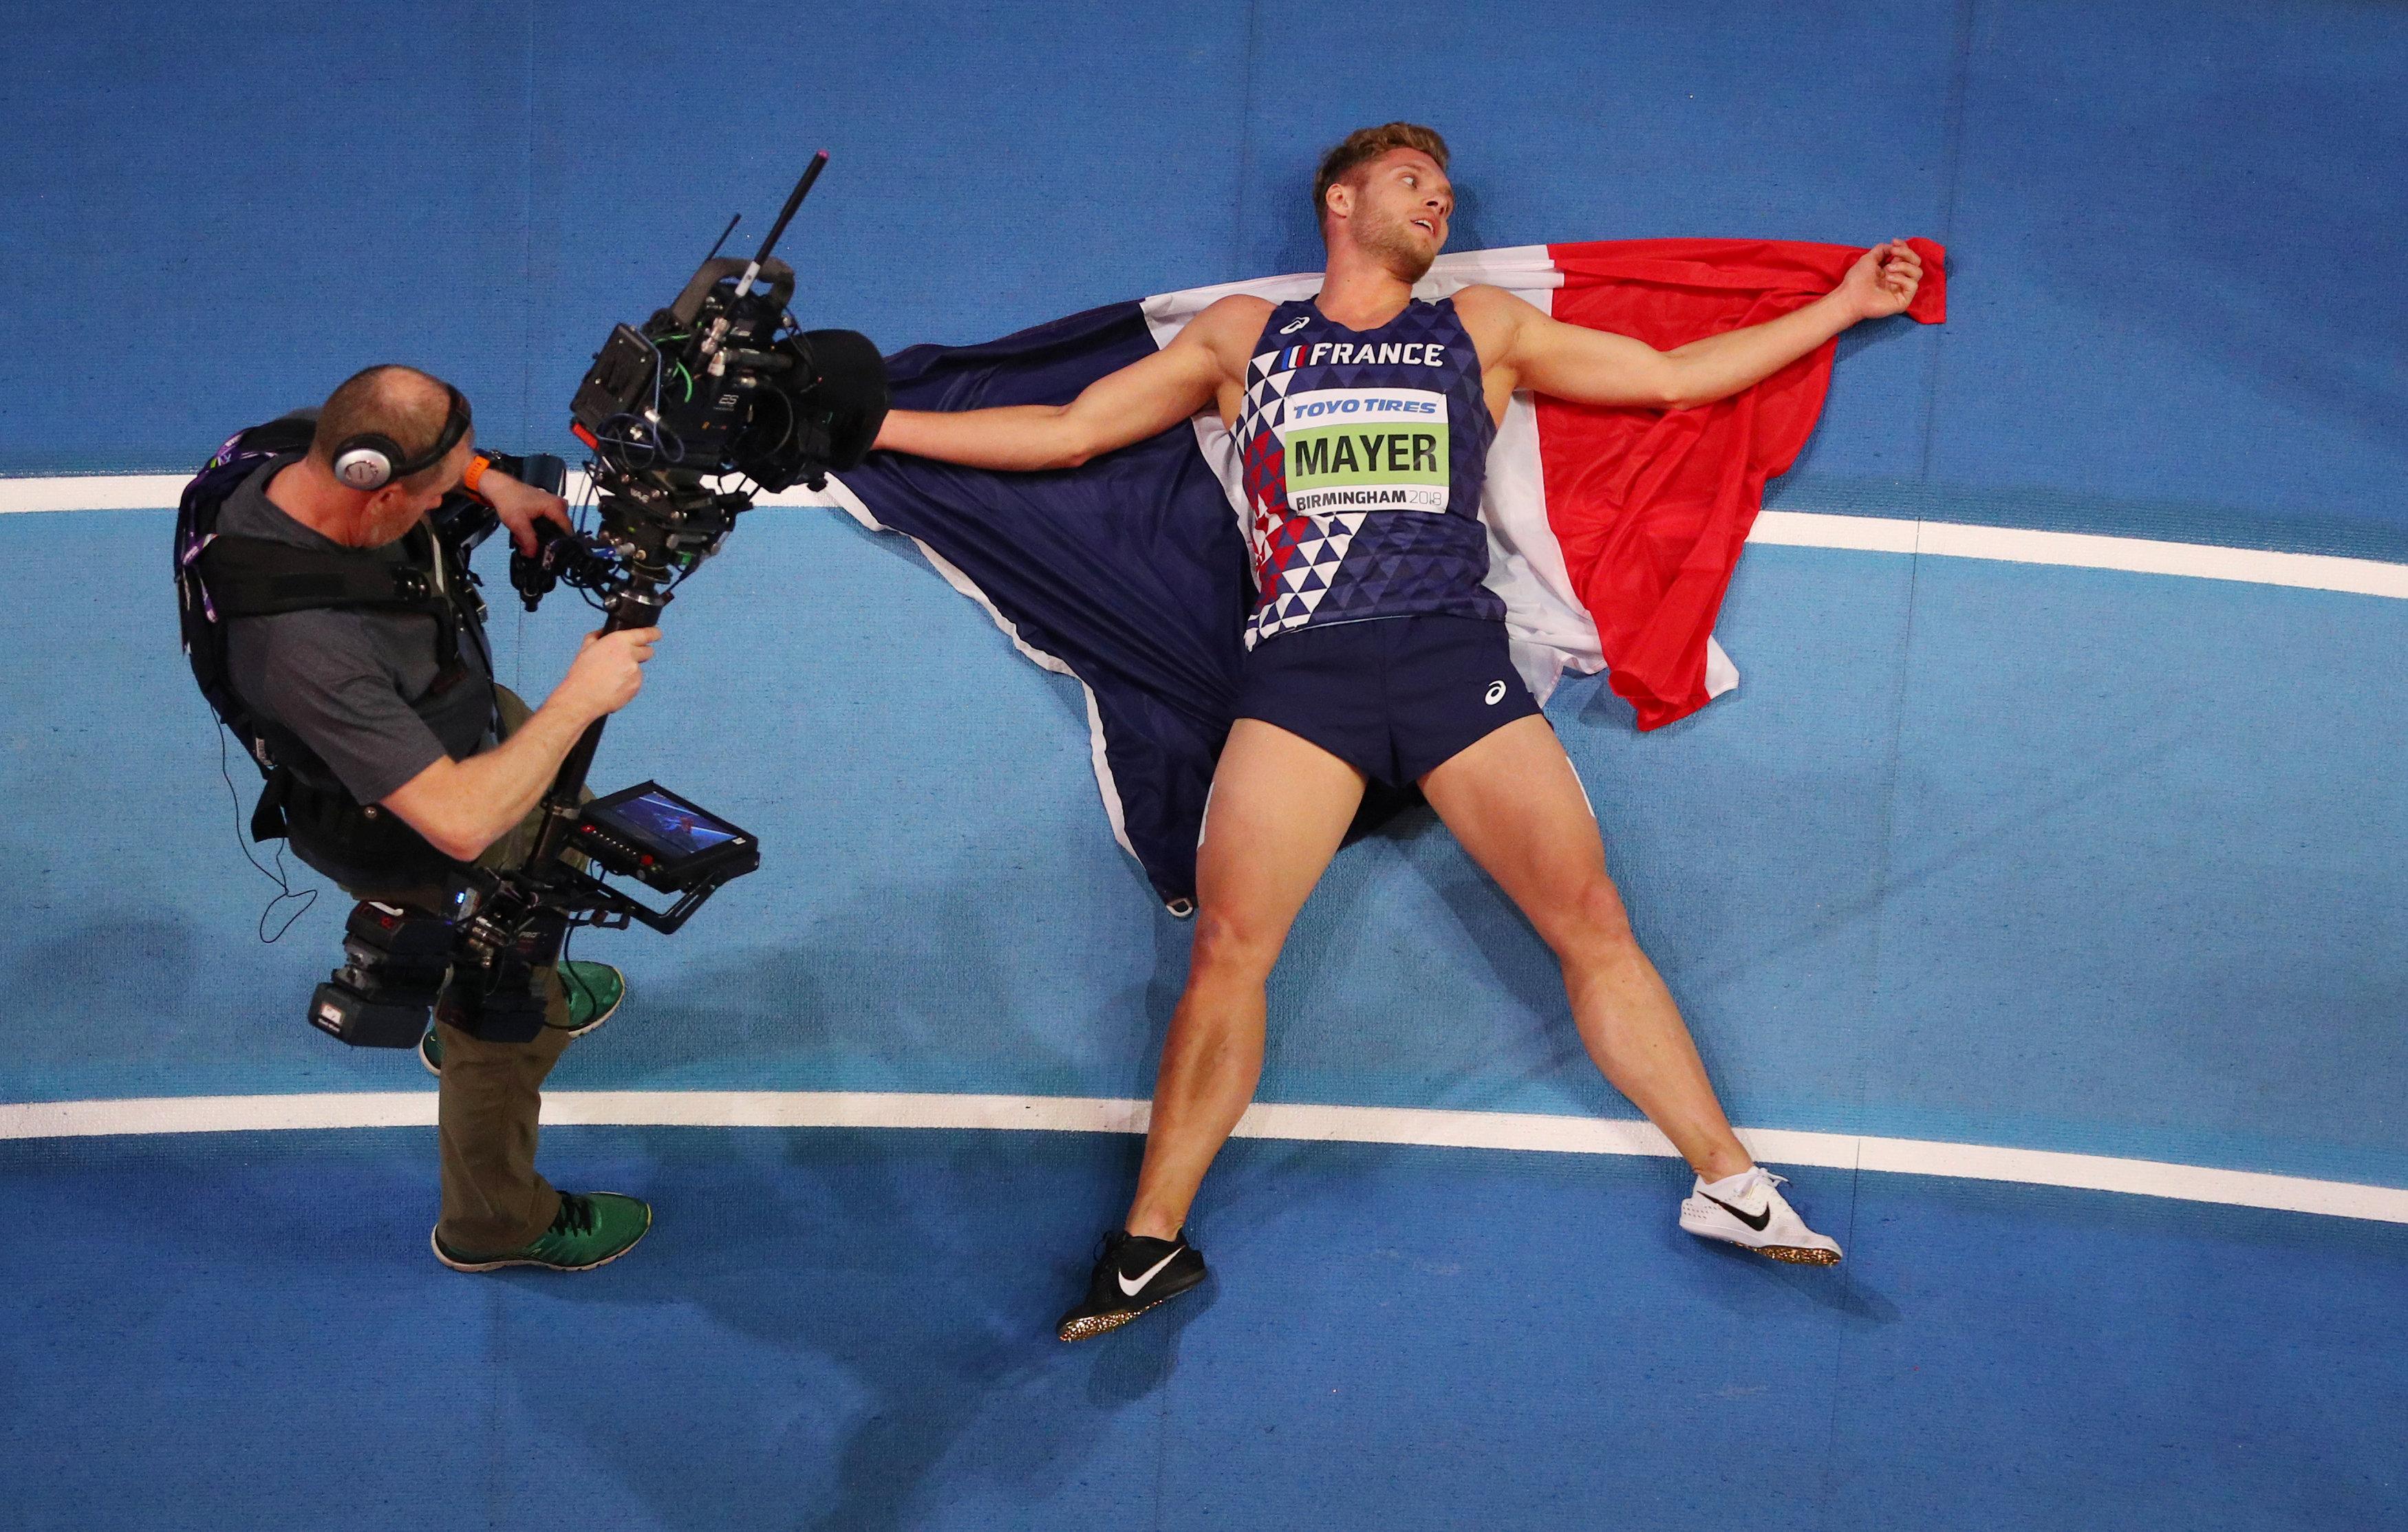 Kevin mayer sacr champion du monde en salle de l - Salle de sport charbonnieres les bains ...